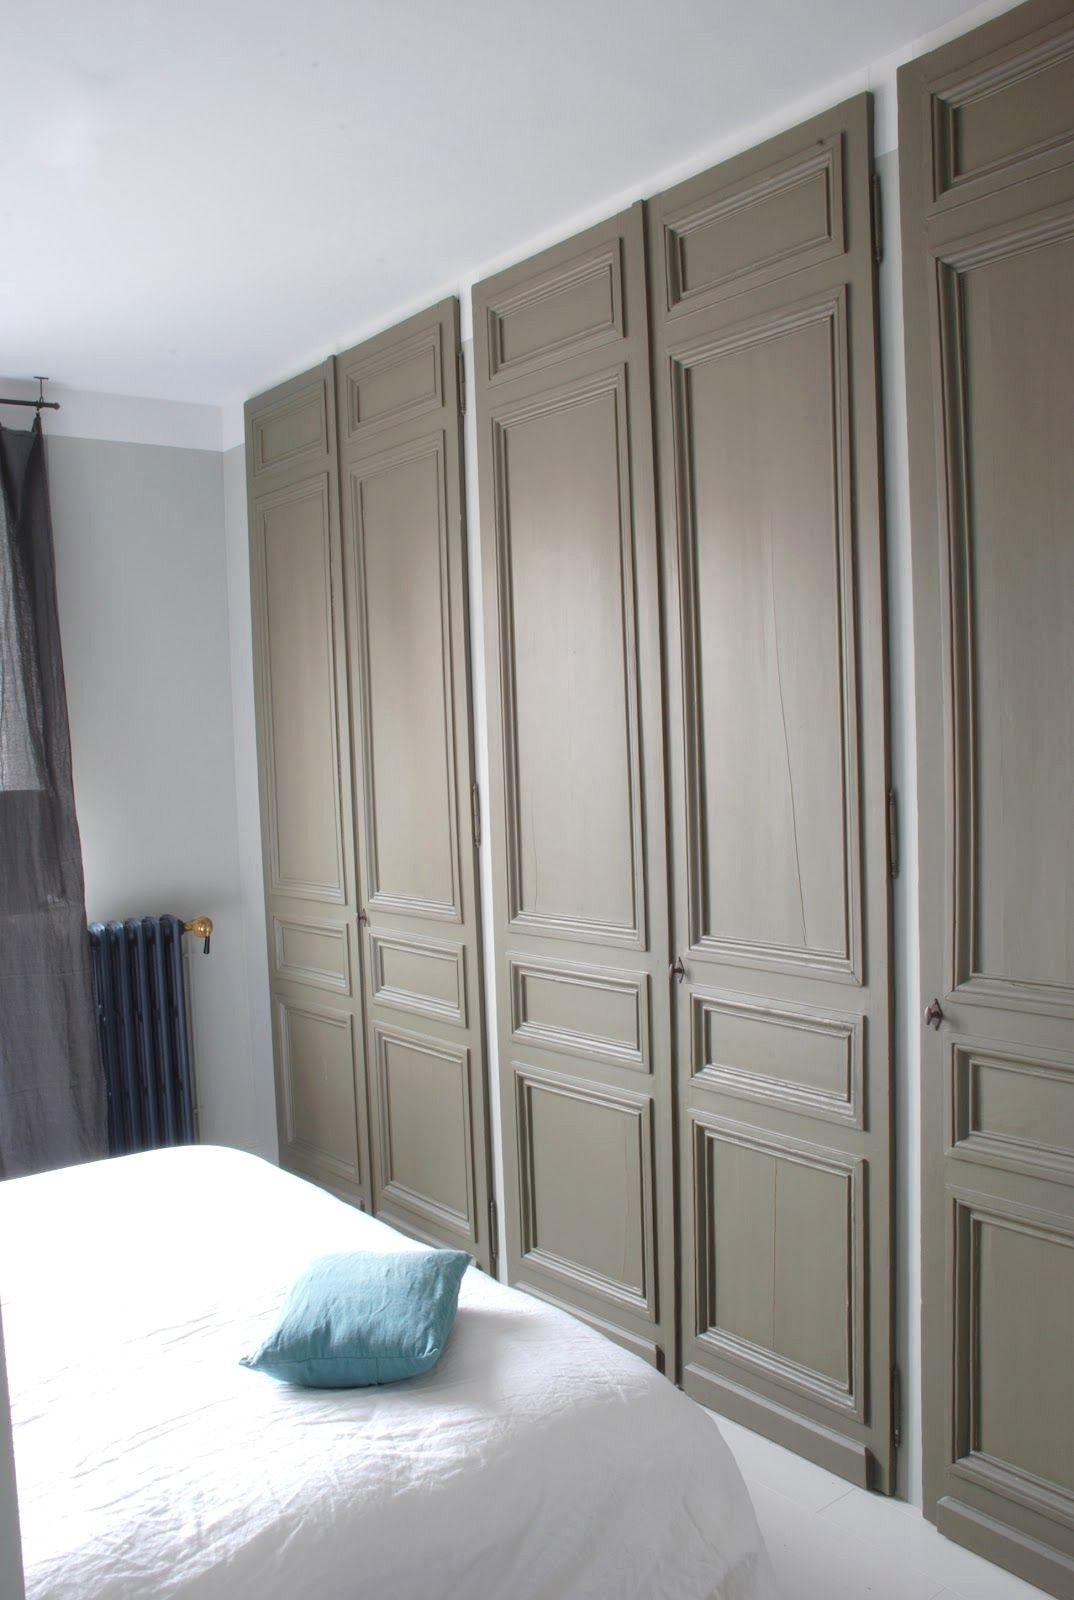 Deco Porte De Placard couleurportes de placards + mur gris (avec images) | porte